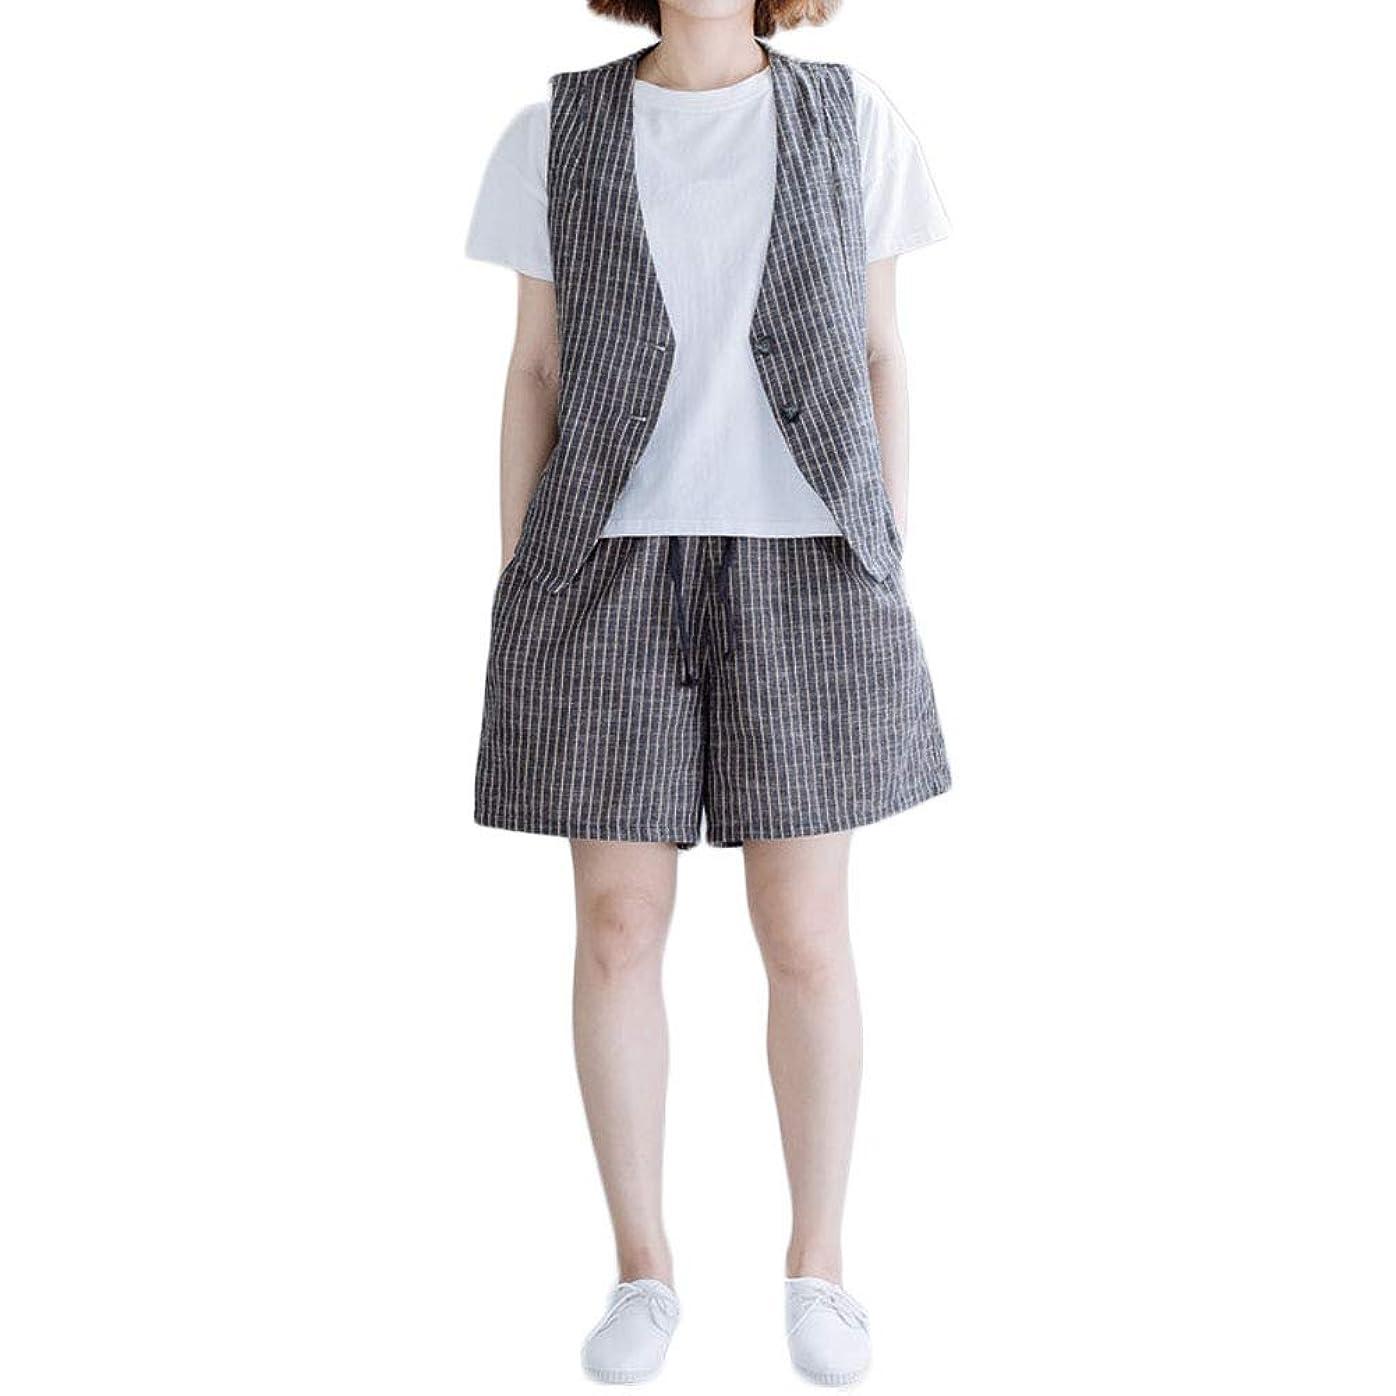 危機体操正義Tokuonn パンツスーツ セットアップ レディース ベスト ショートパンツ 上下2点セット ストライプ柄 ゆったり 通勤OL おしゃれ 大きいサイズ